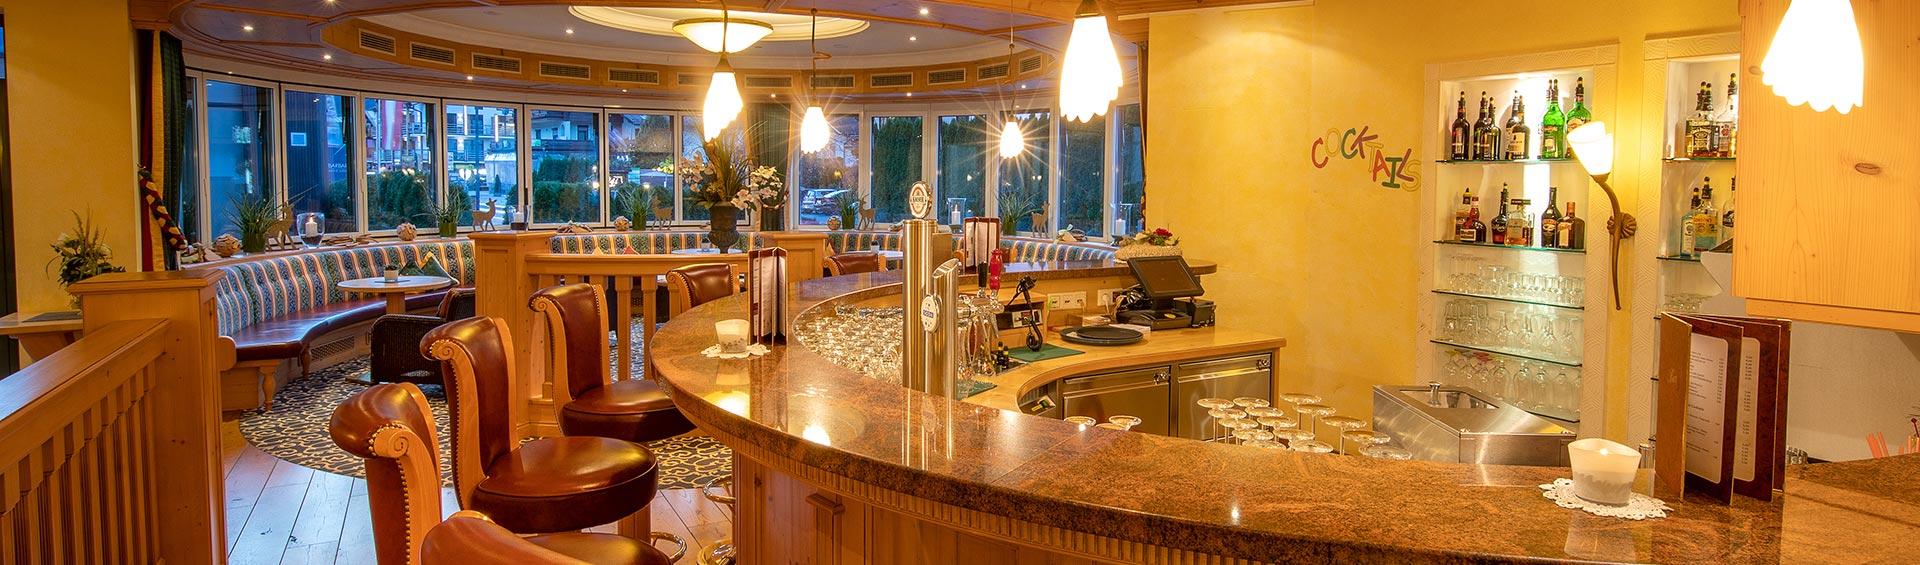 Hotelbar und Wintergarten